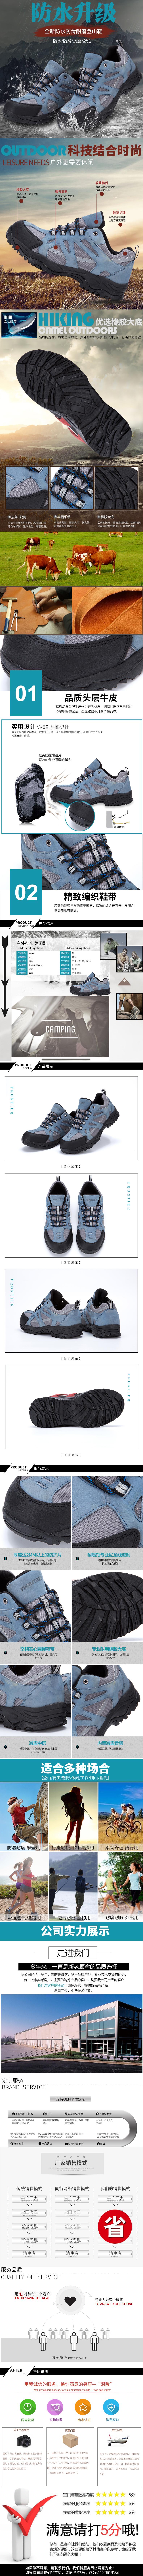 运动鞋详情页.jpg